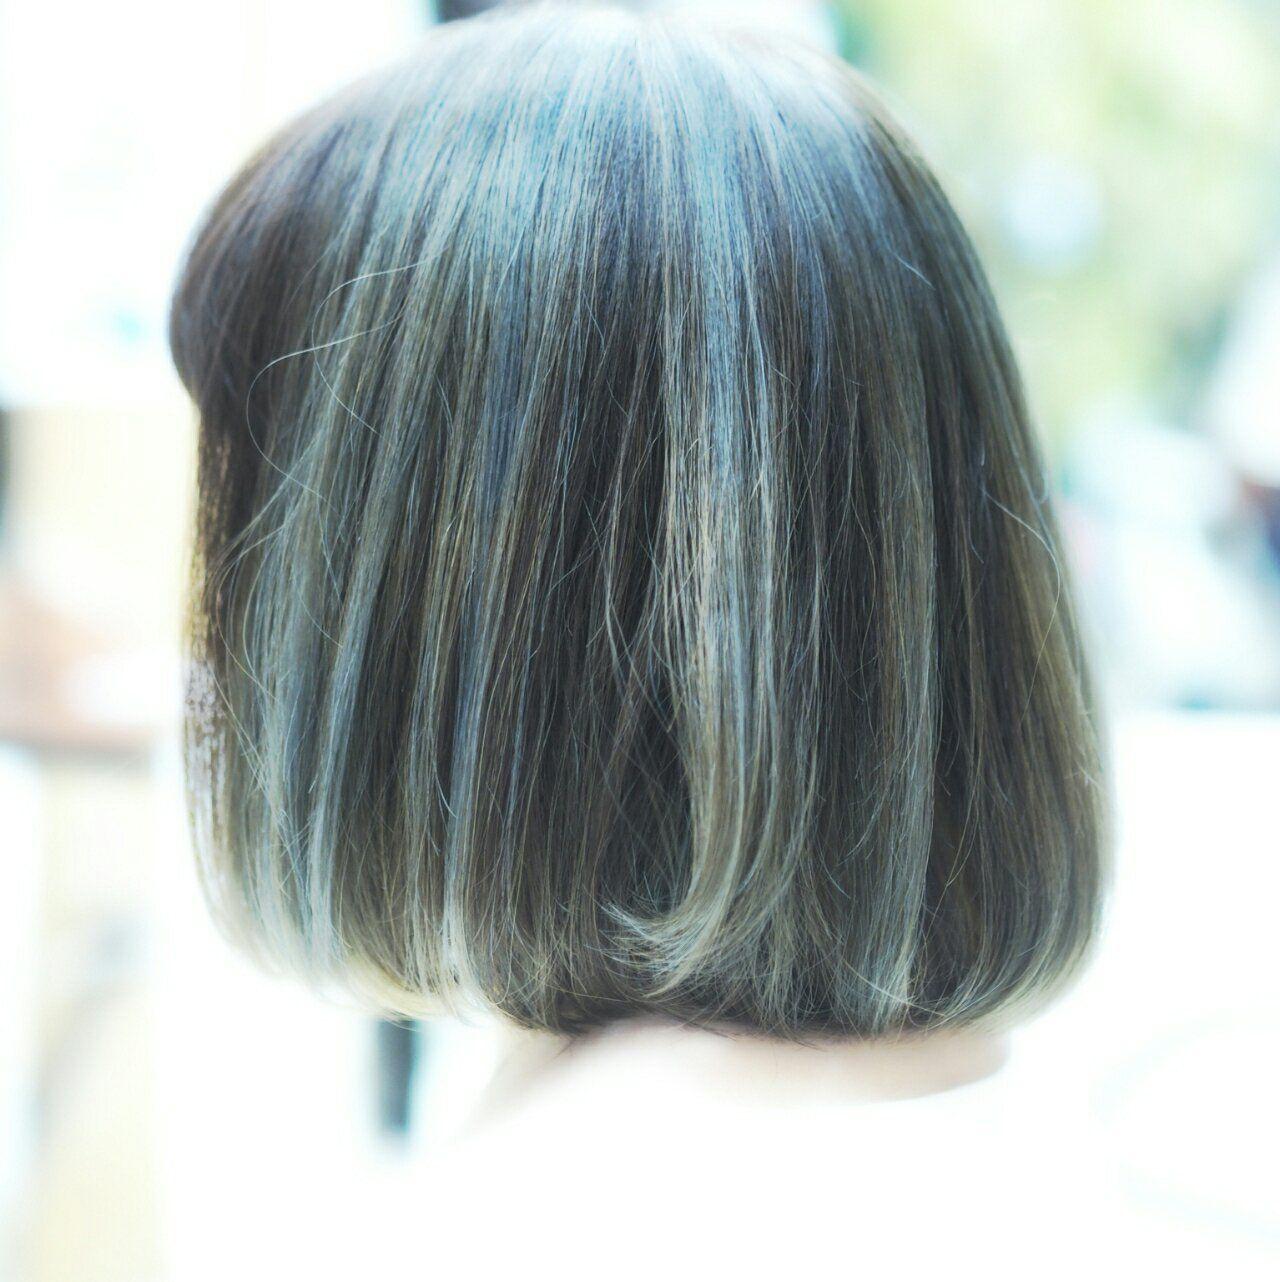 柔らかさがツボ!ミントアッシュが爽やかかわいい♡ 成田澄気 / hair resort clamp